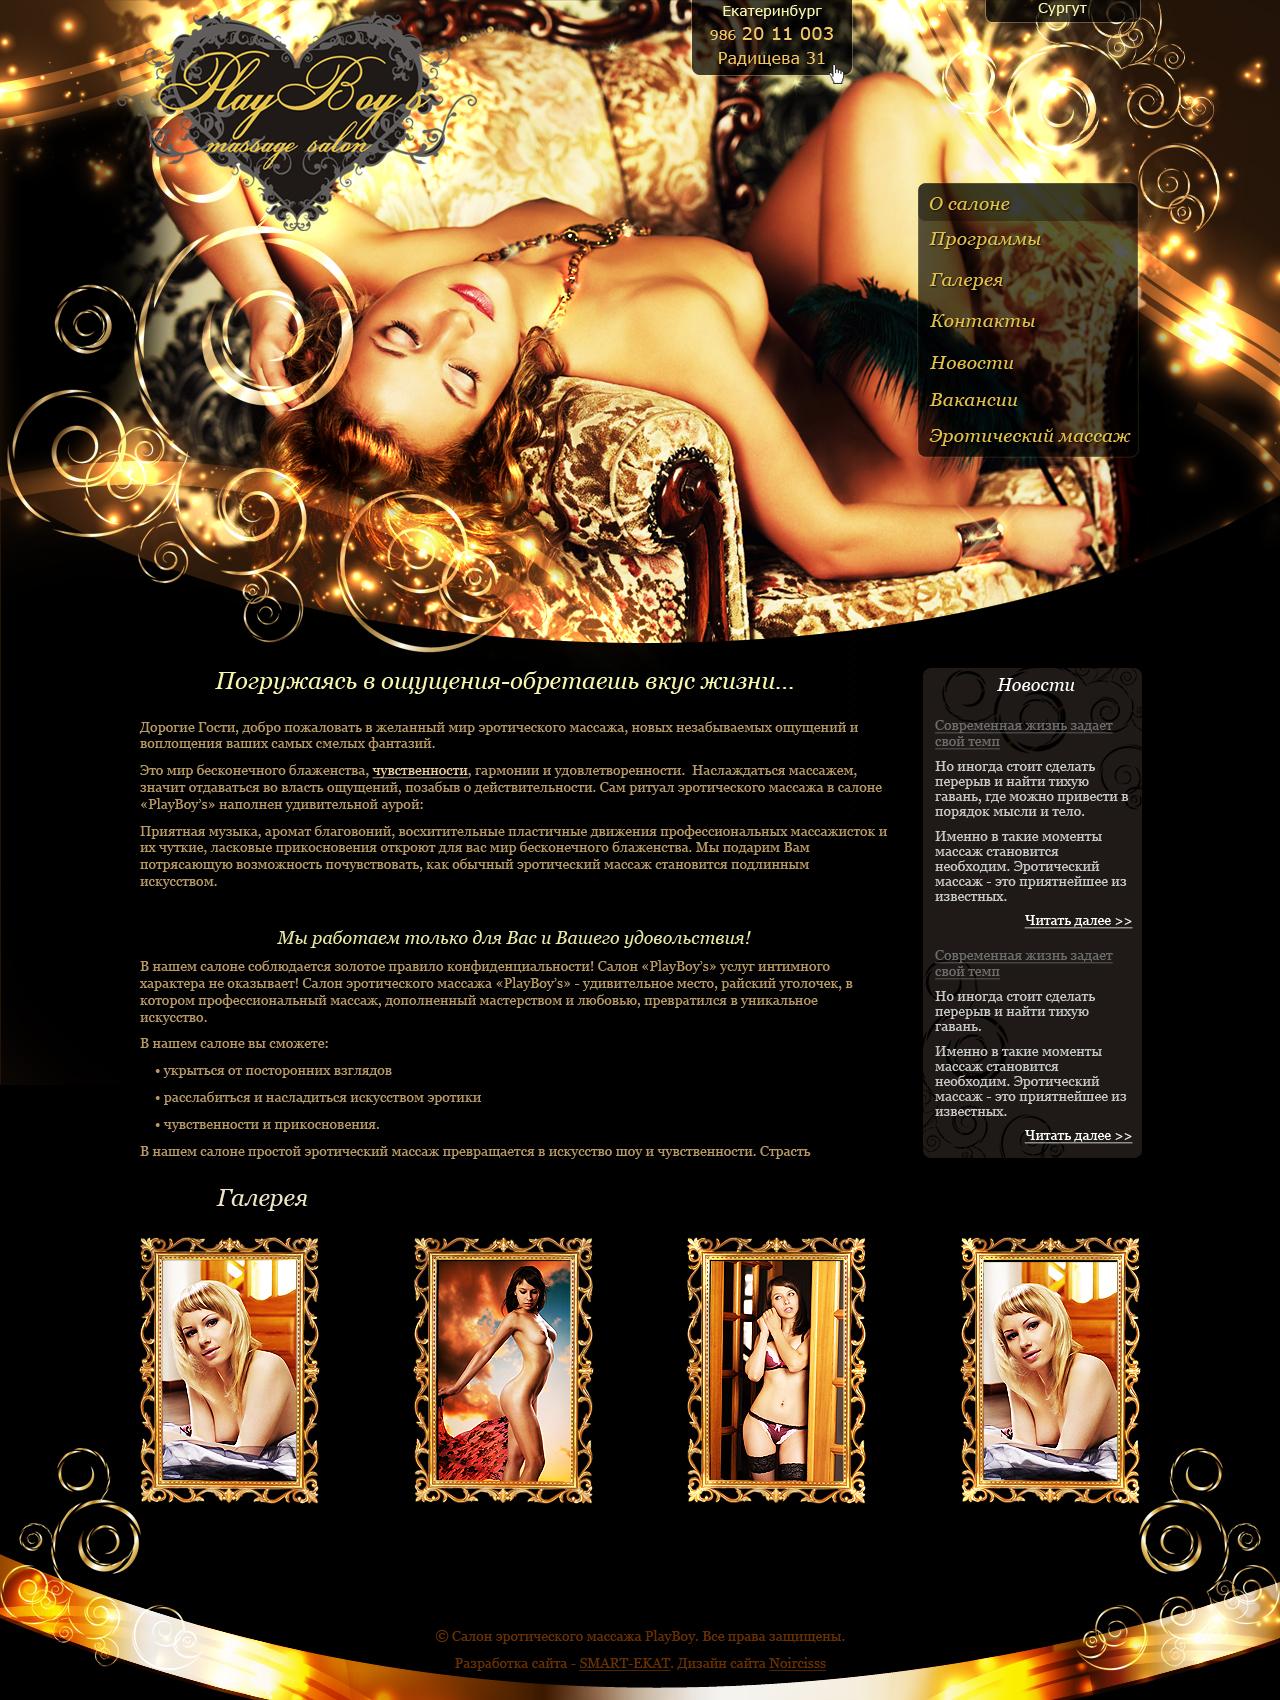 Эротический массаж екатеринбург не салон 6 фотография